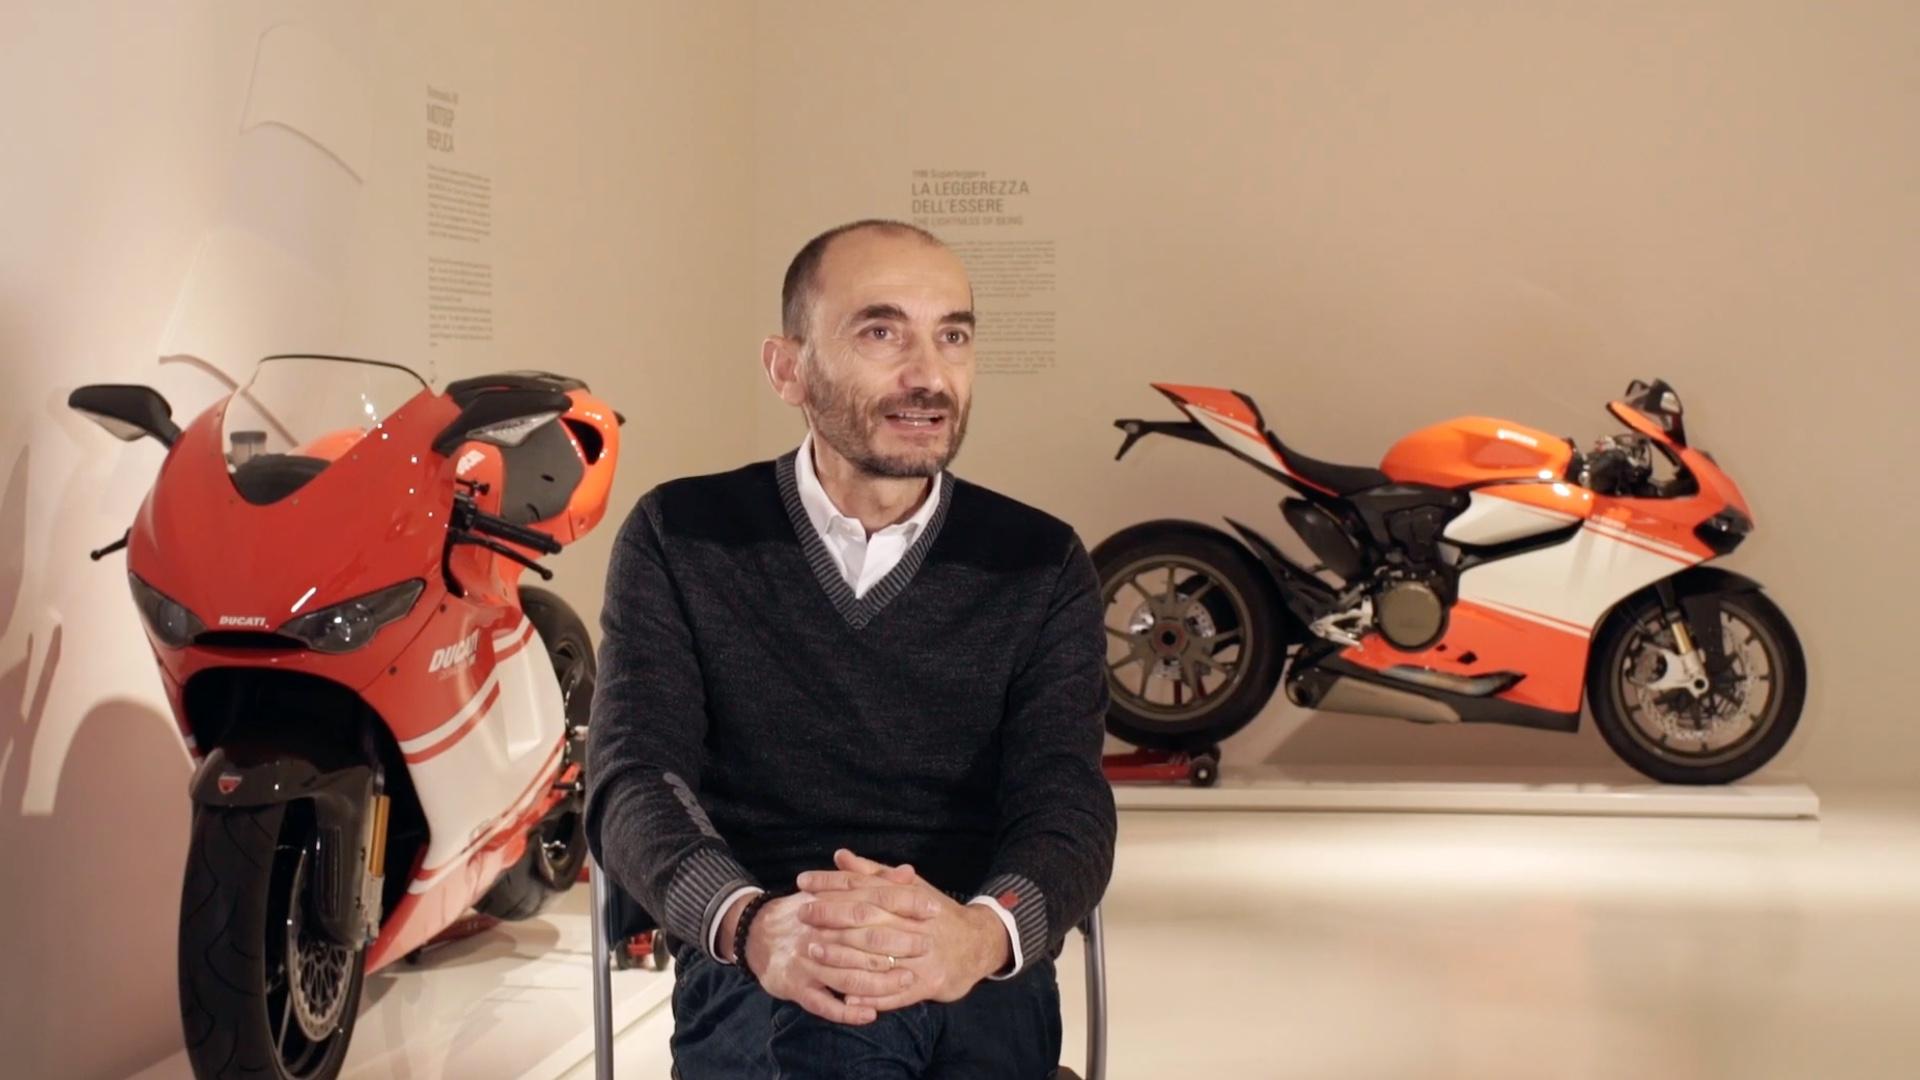 Intervista a Claudio Domenicali. Dal sogno Ducati alla visione Motor Valley.